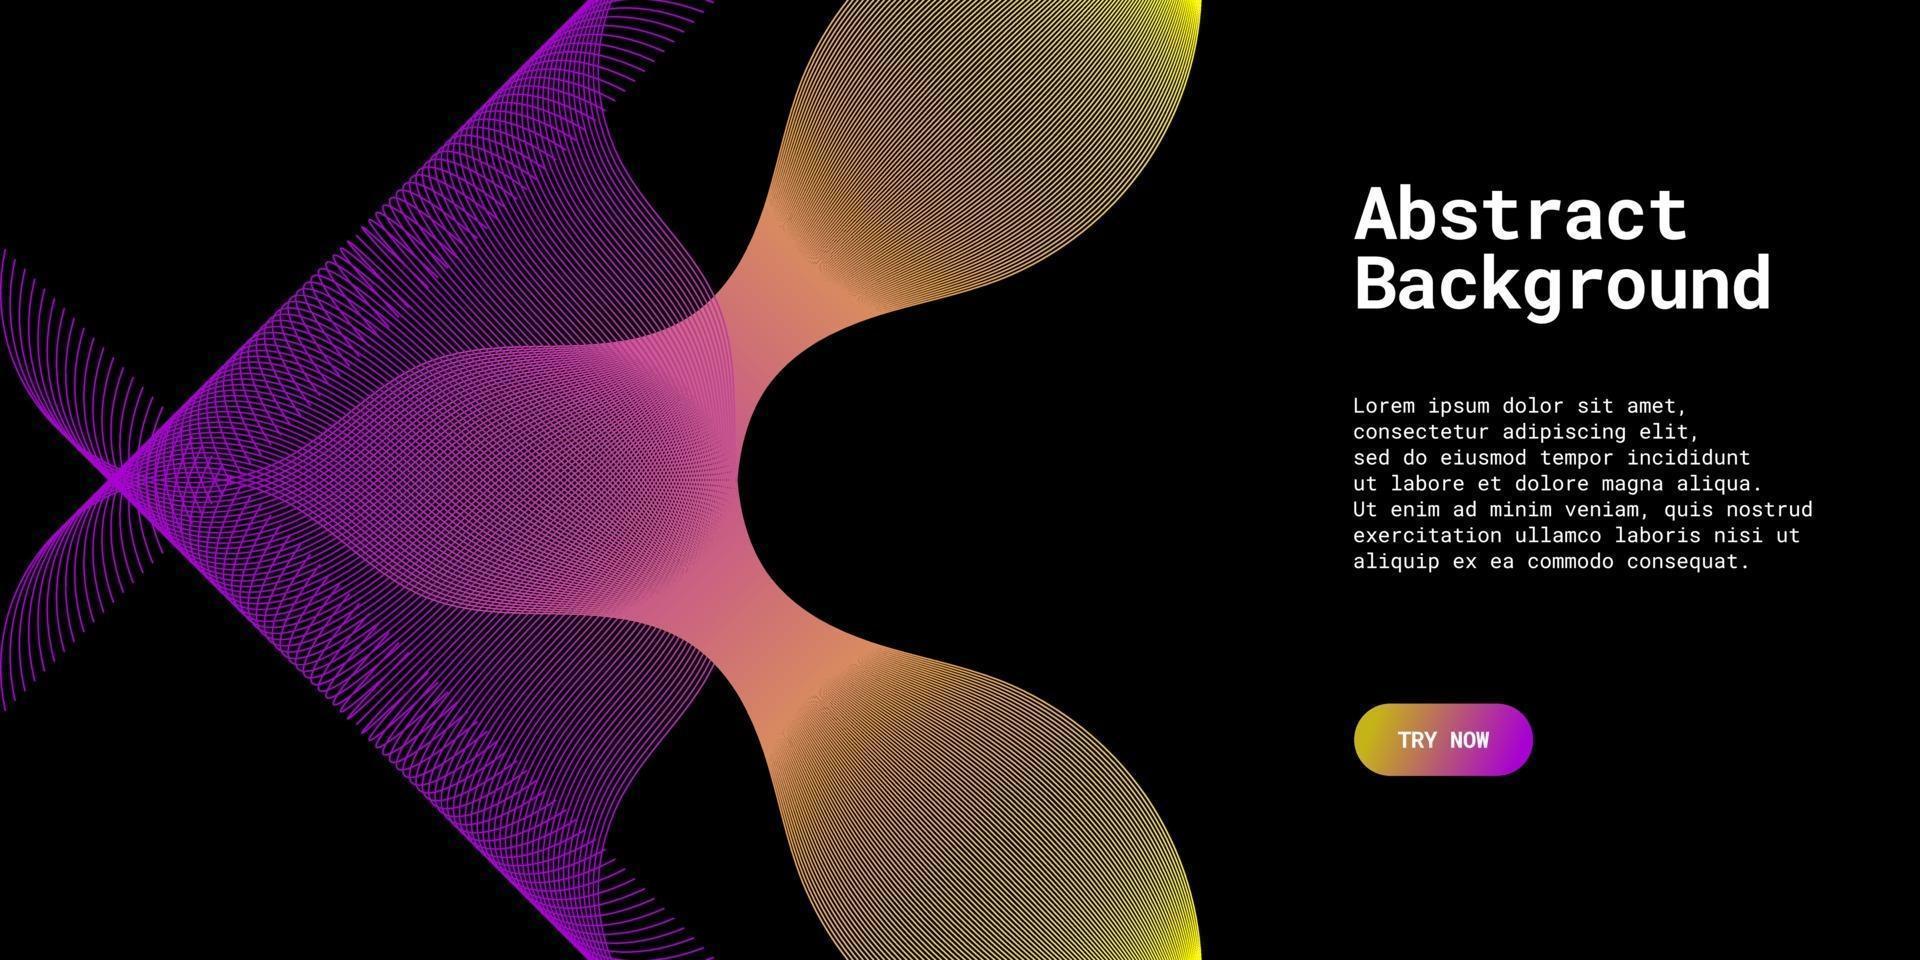 moderner abstrakter Hintergrund mit Wellenlinien in gelben und lila Abstufungen vektor